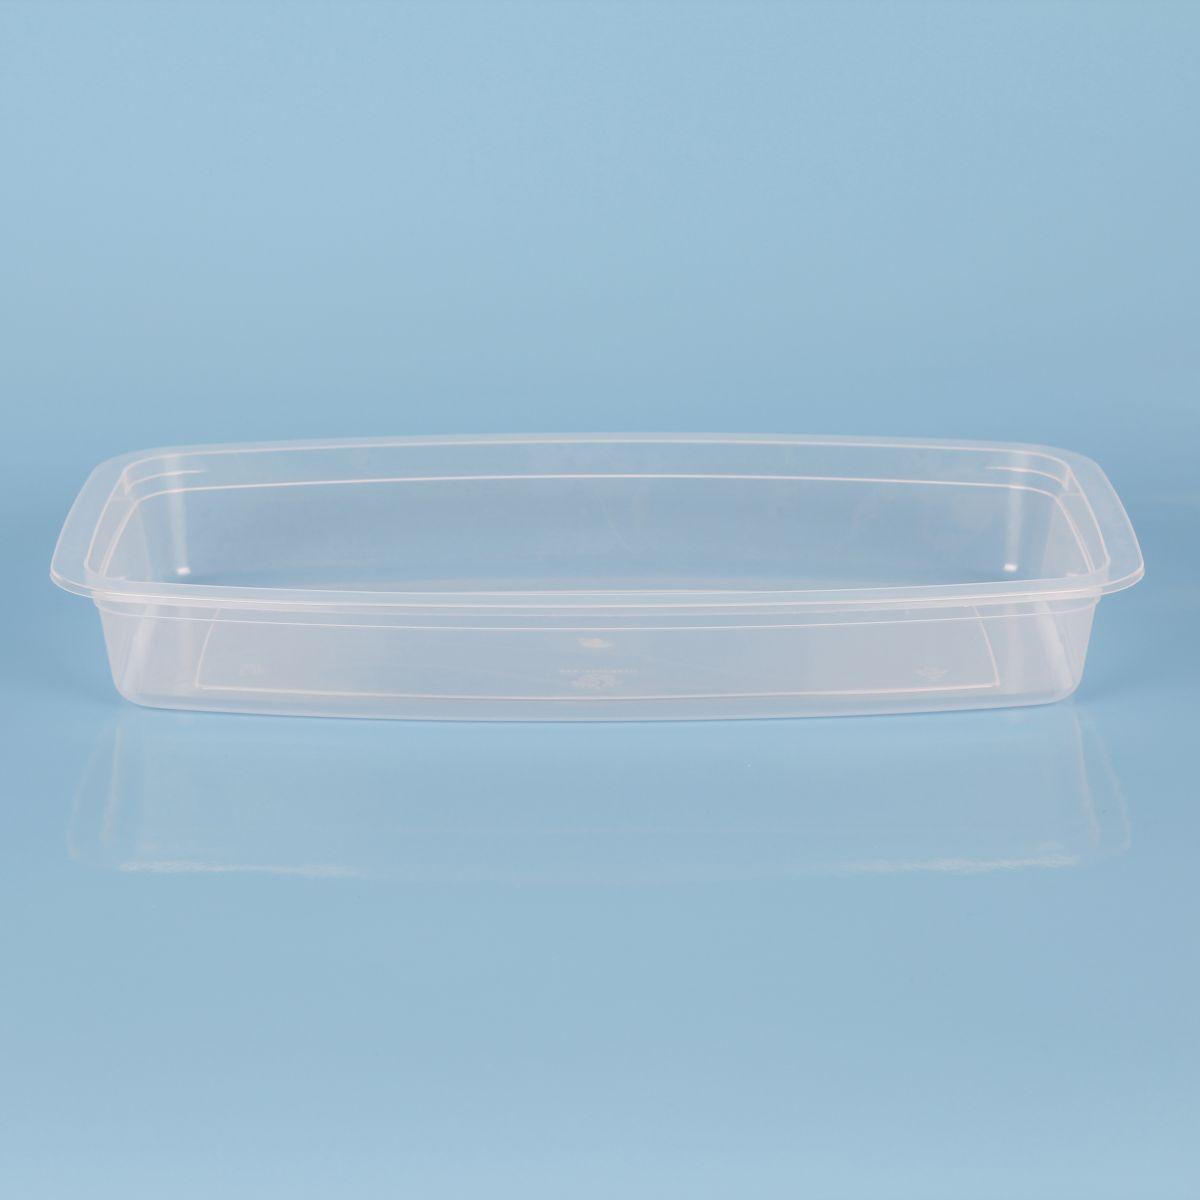 Vassoio in plastica per alimenti termosaldabile -